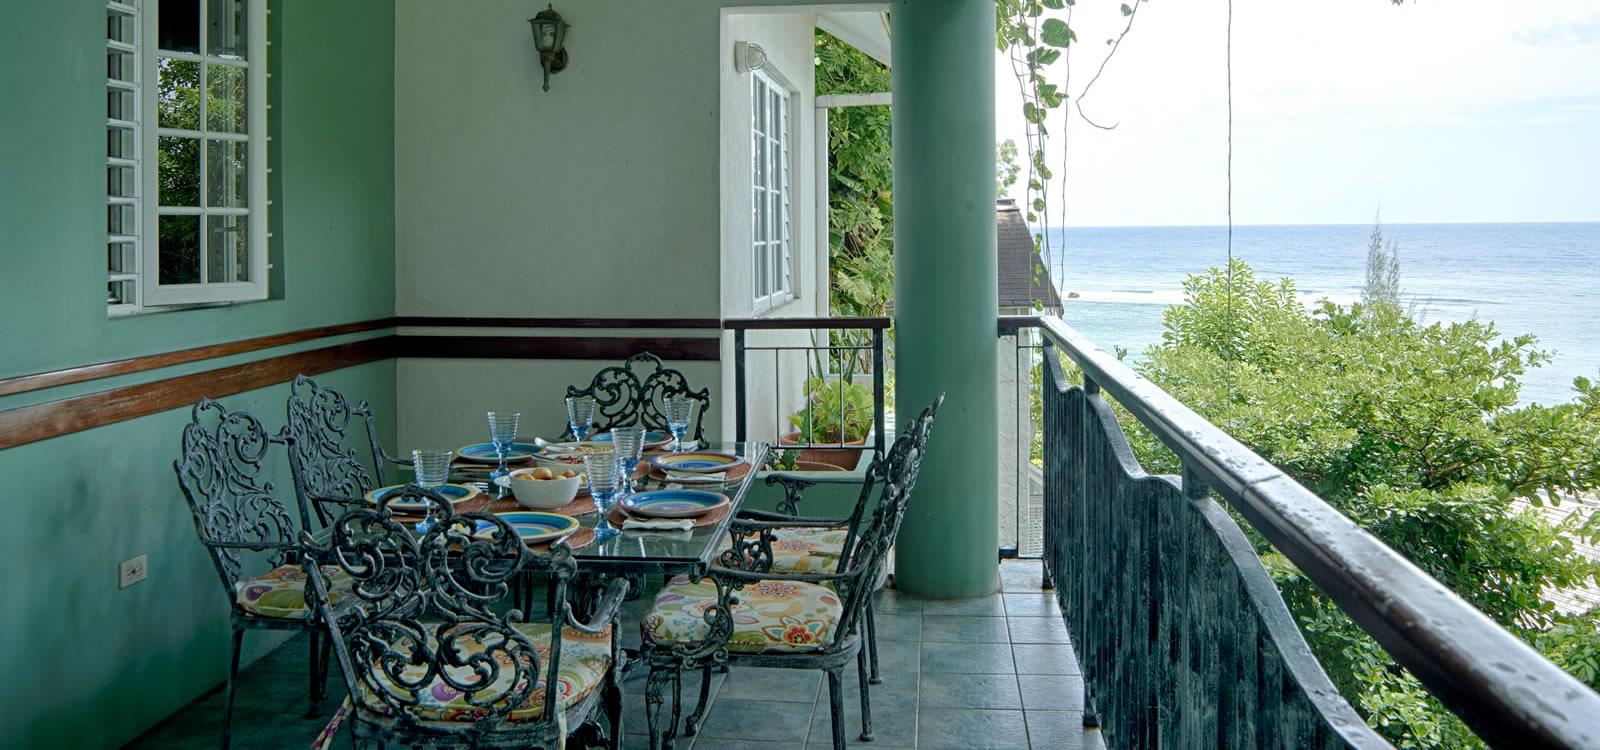 5 Bedroom Property For Sale, Port Antonio, Jamaica   7th Heaven Properties